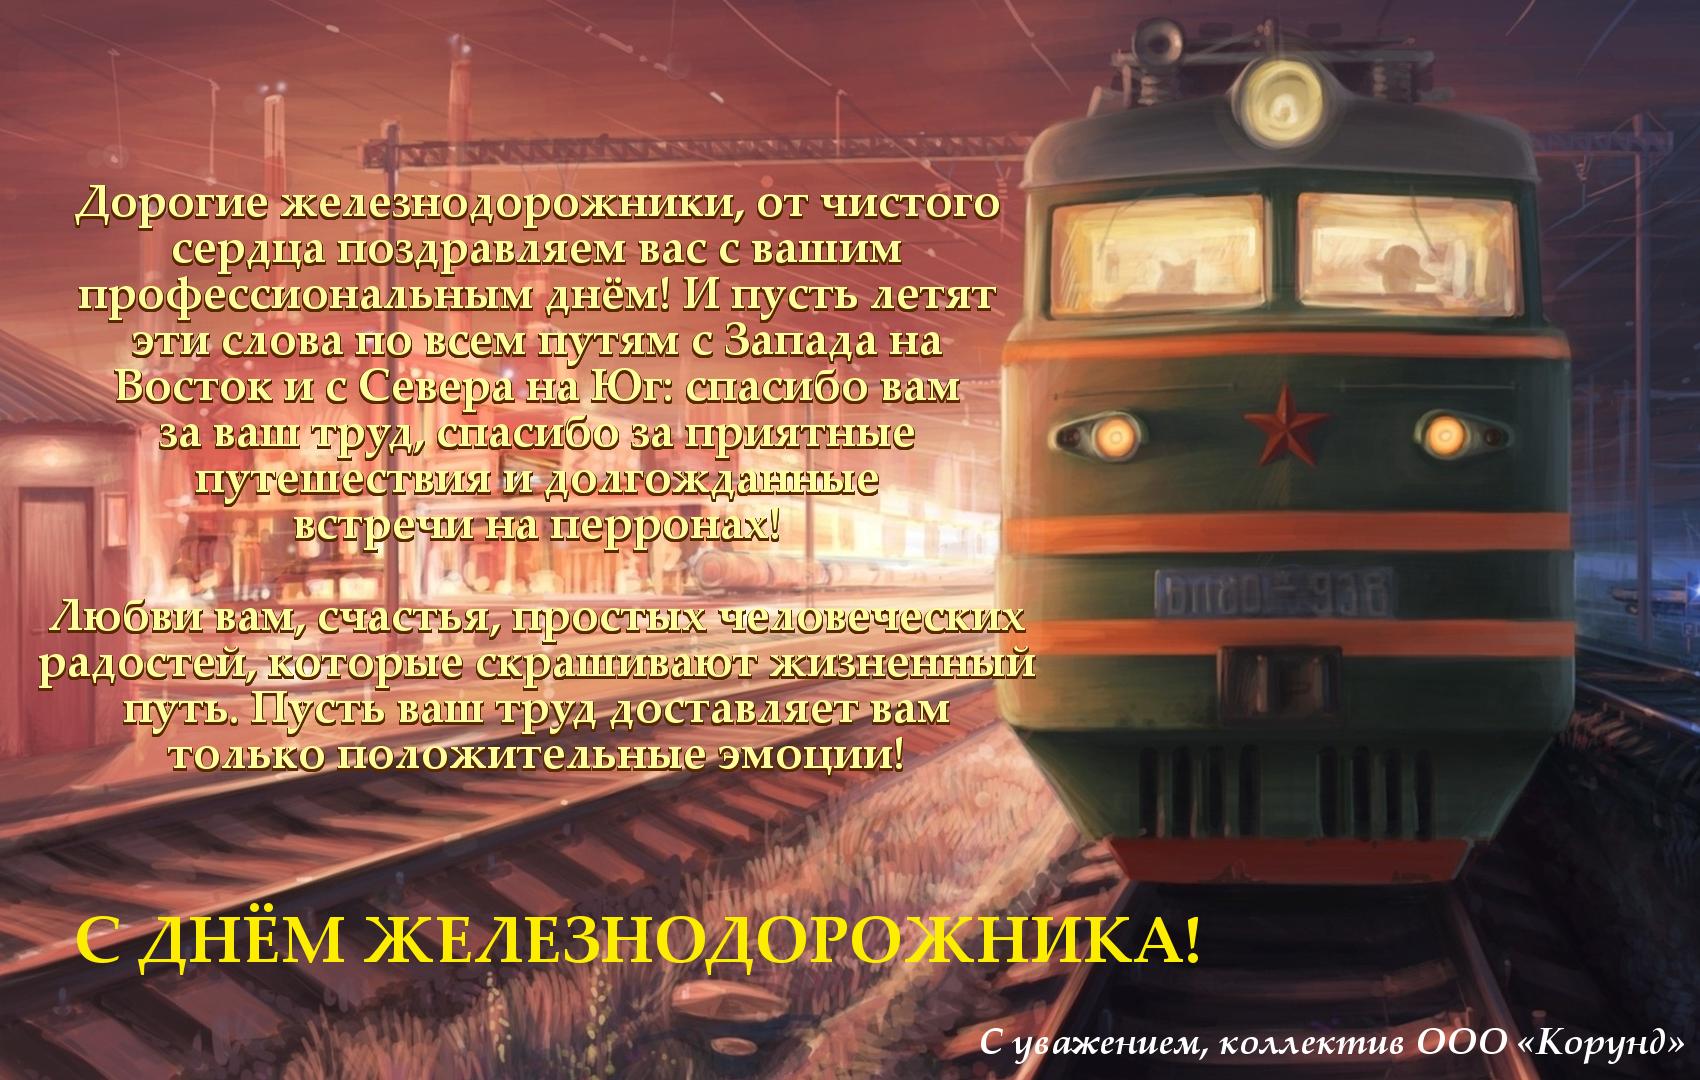 Поздравление путина с днём железнодорожника 57